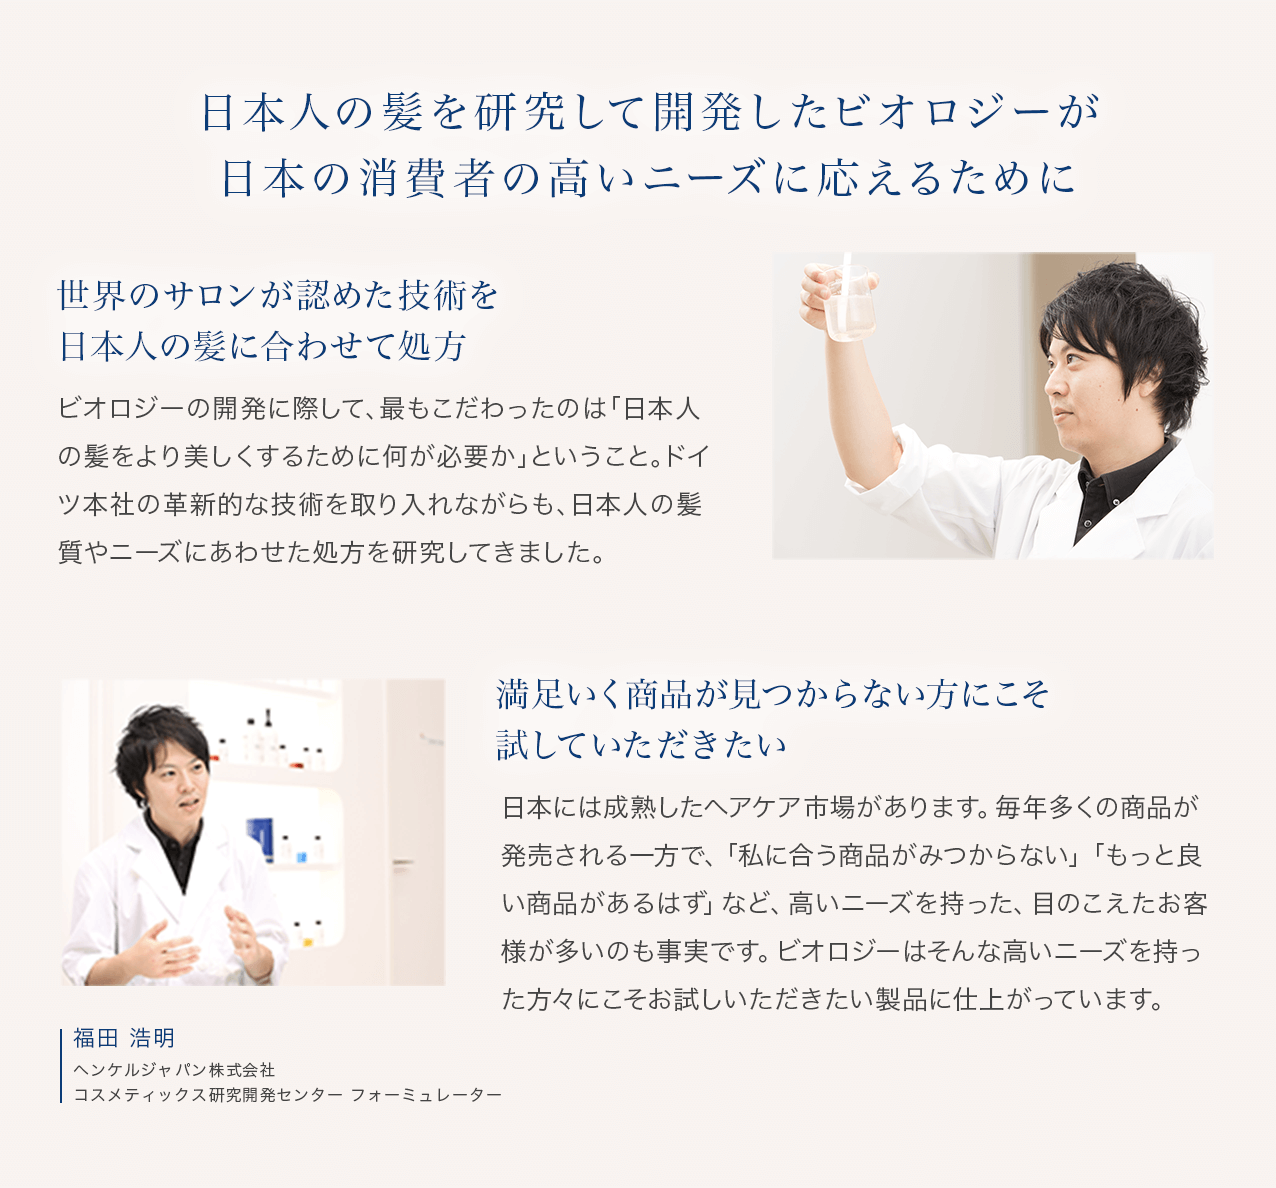 日本人の髪を研究して開発したビオロジーが日本の消費者の高いニーズに応えるために